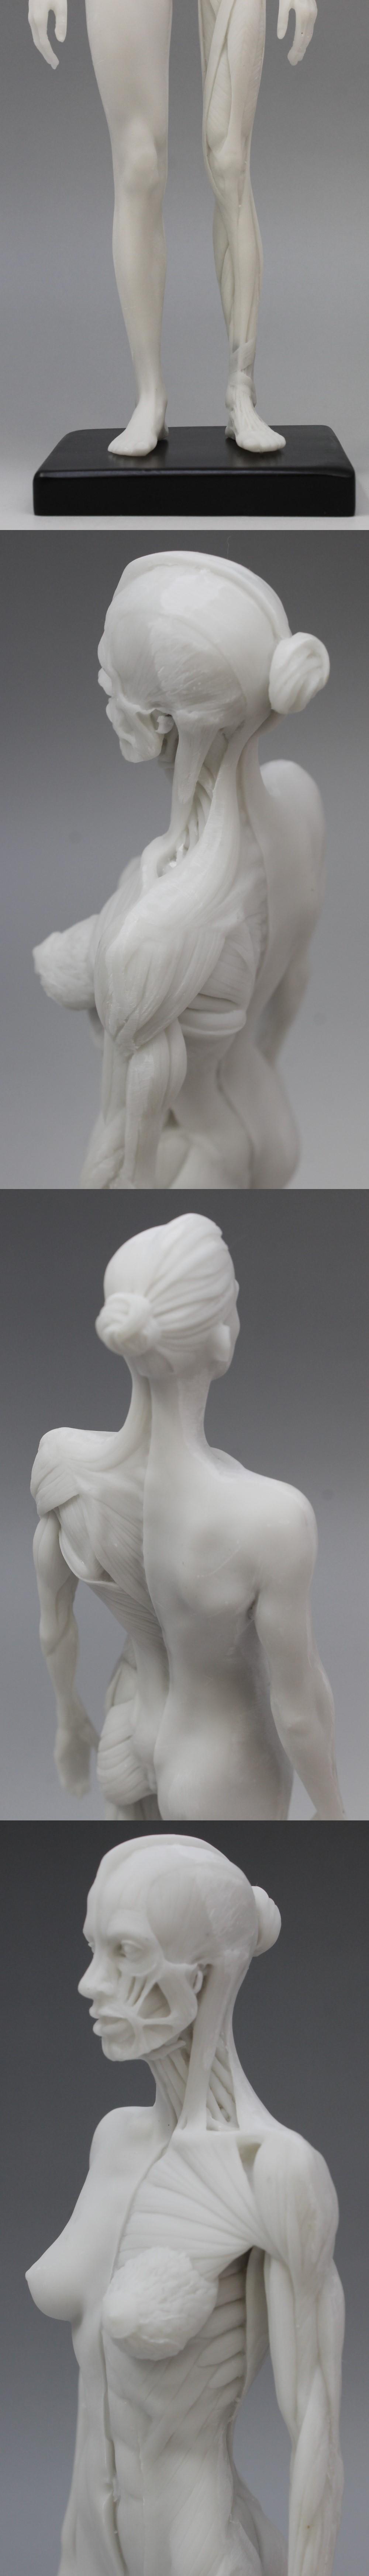 009人体模型6